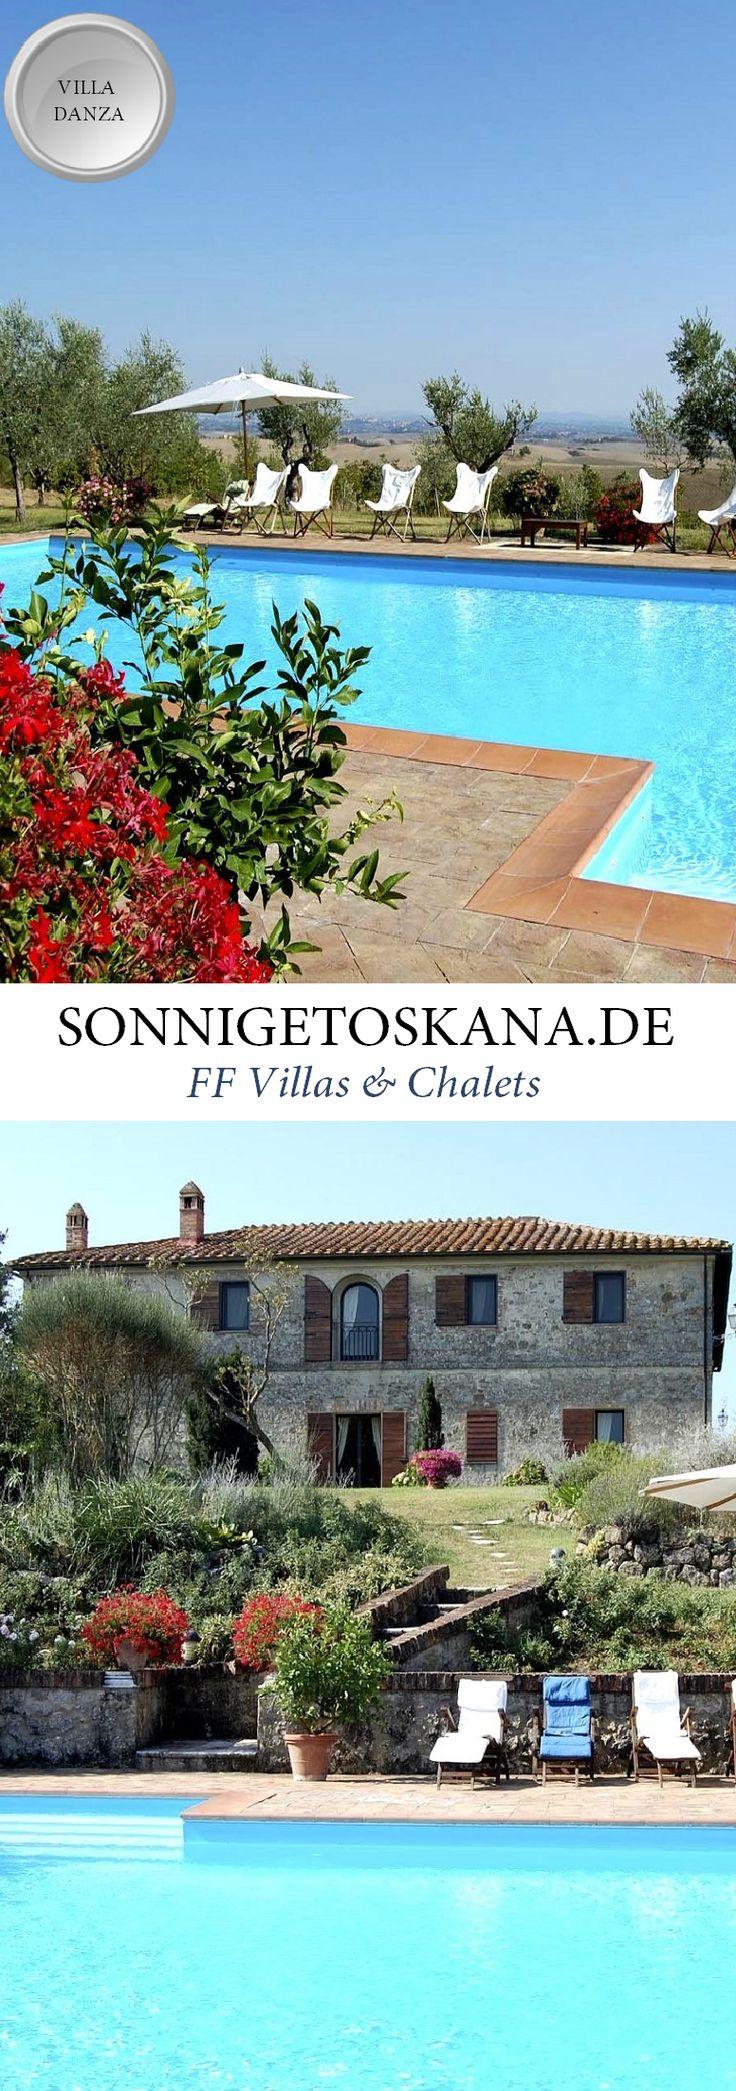 Beste Ferienhäuser Italien – für Ihren Urlaub Ferienhaus Ferienvilla www.sonni… – Wolfgang Bernhard